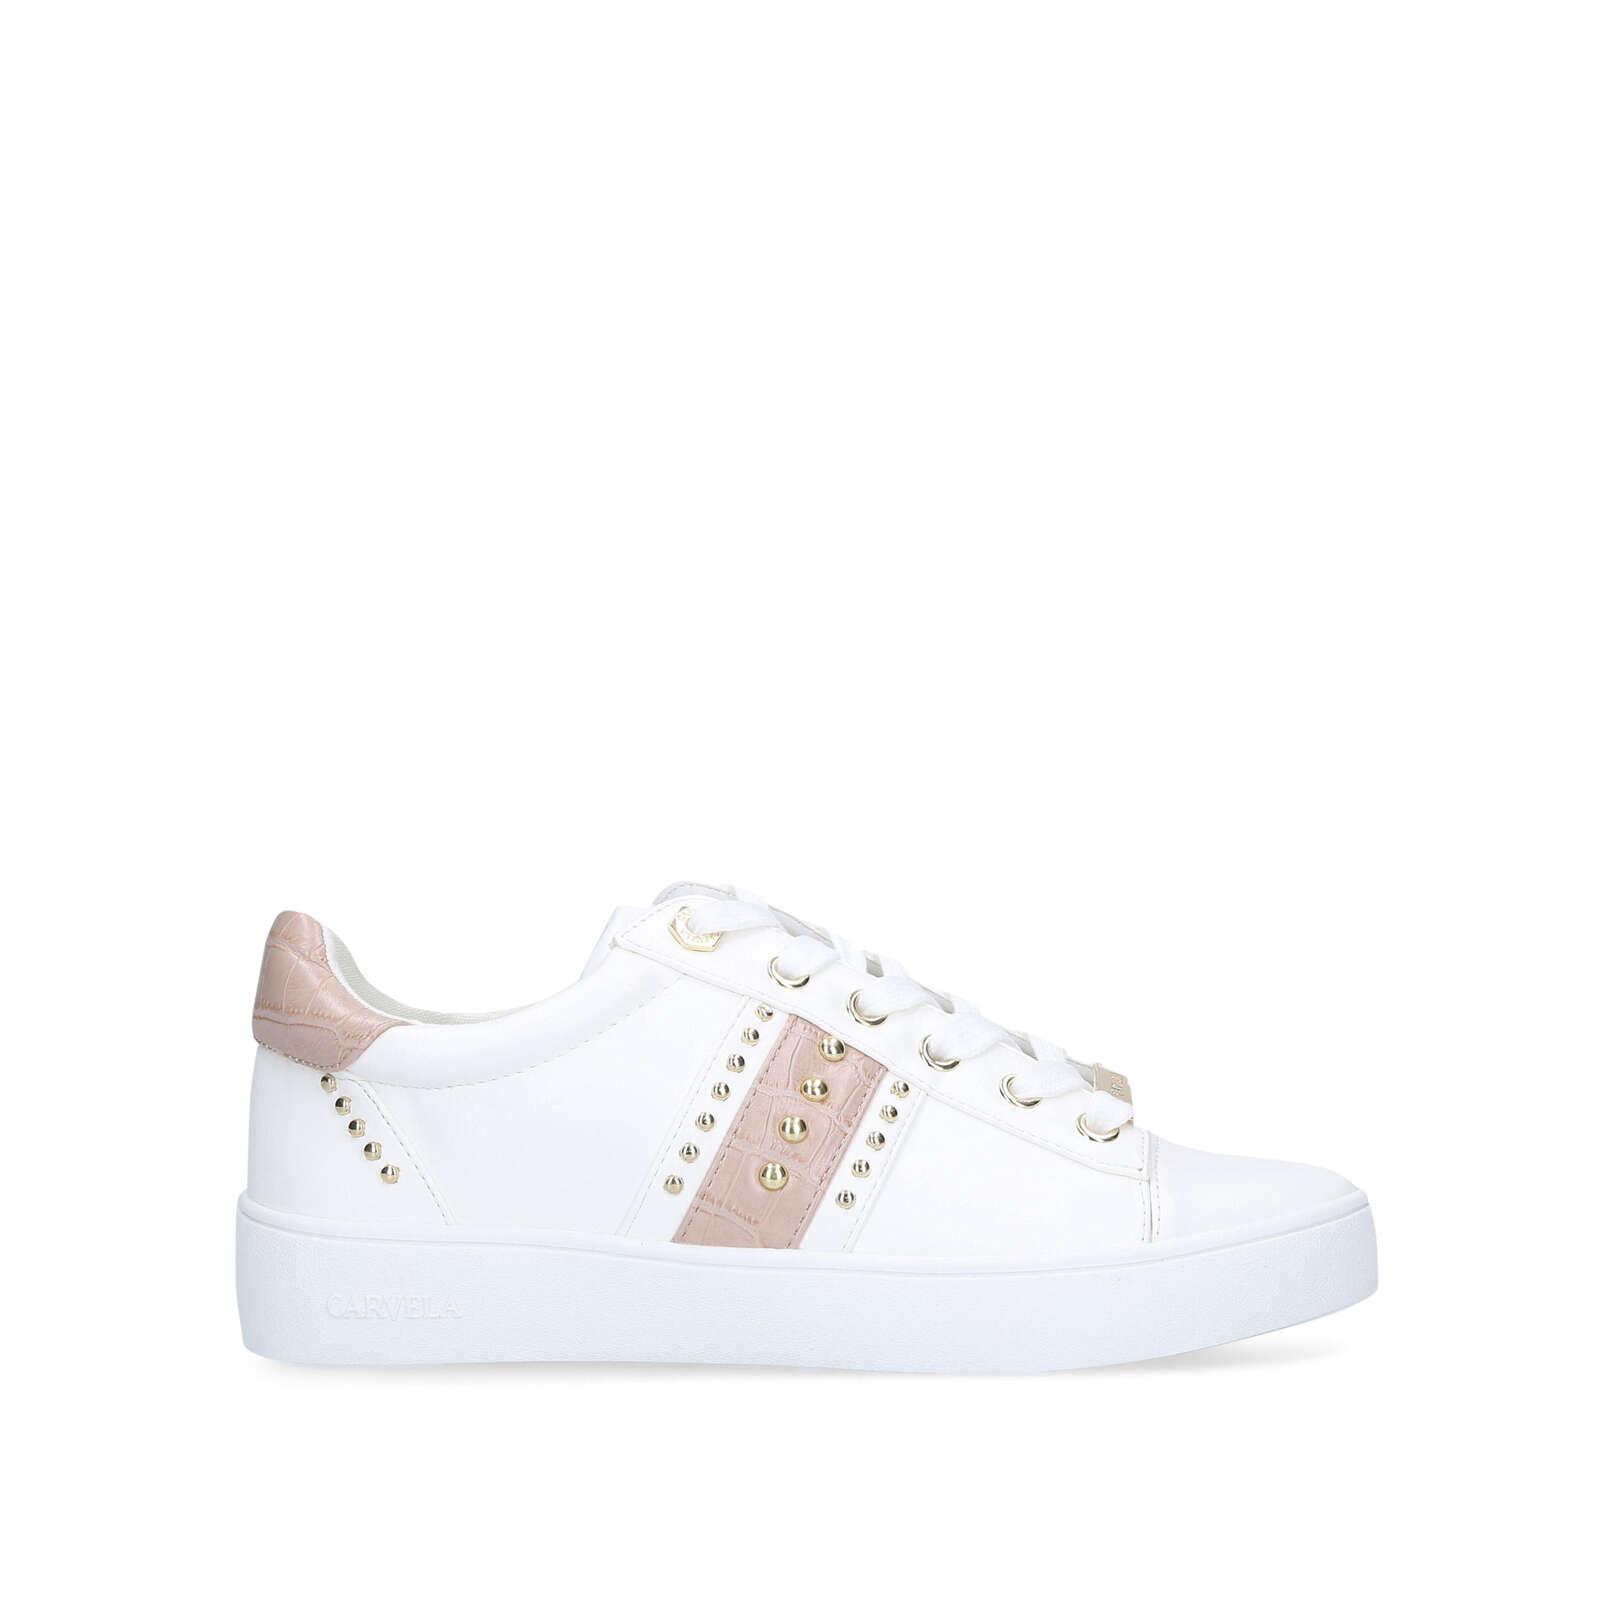 JARGON - CARVELA Sneakers